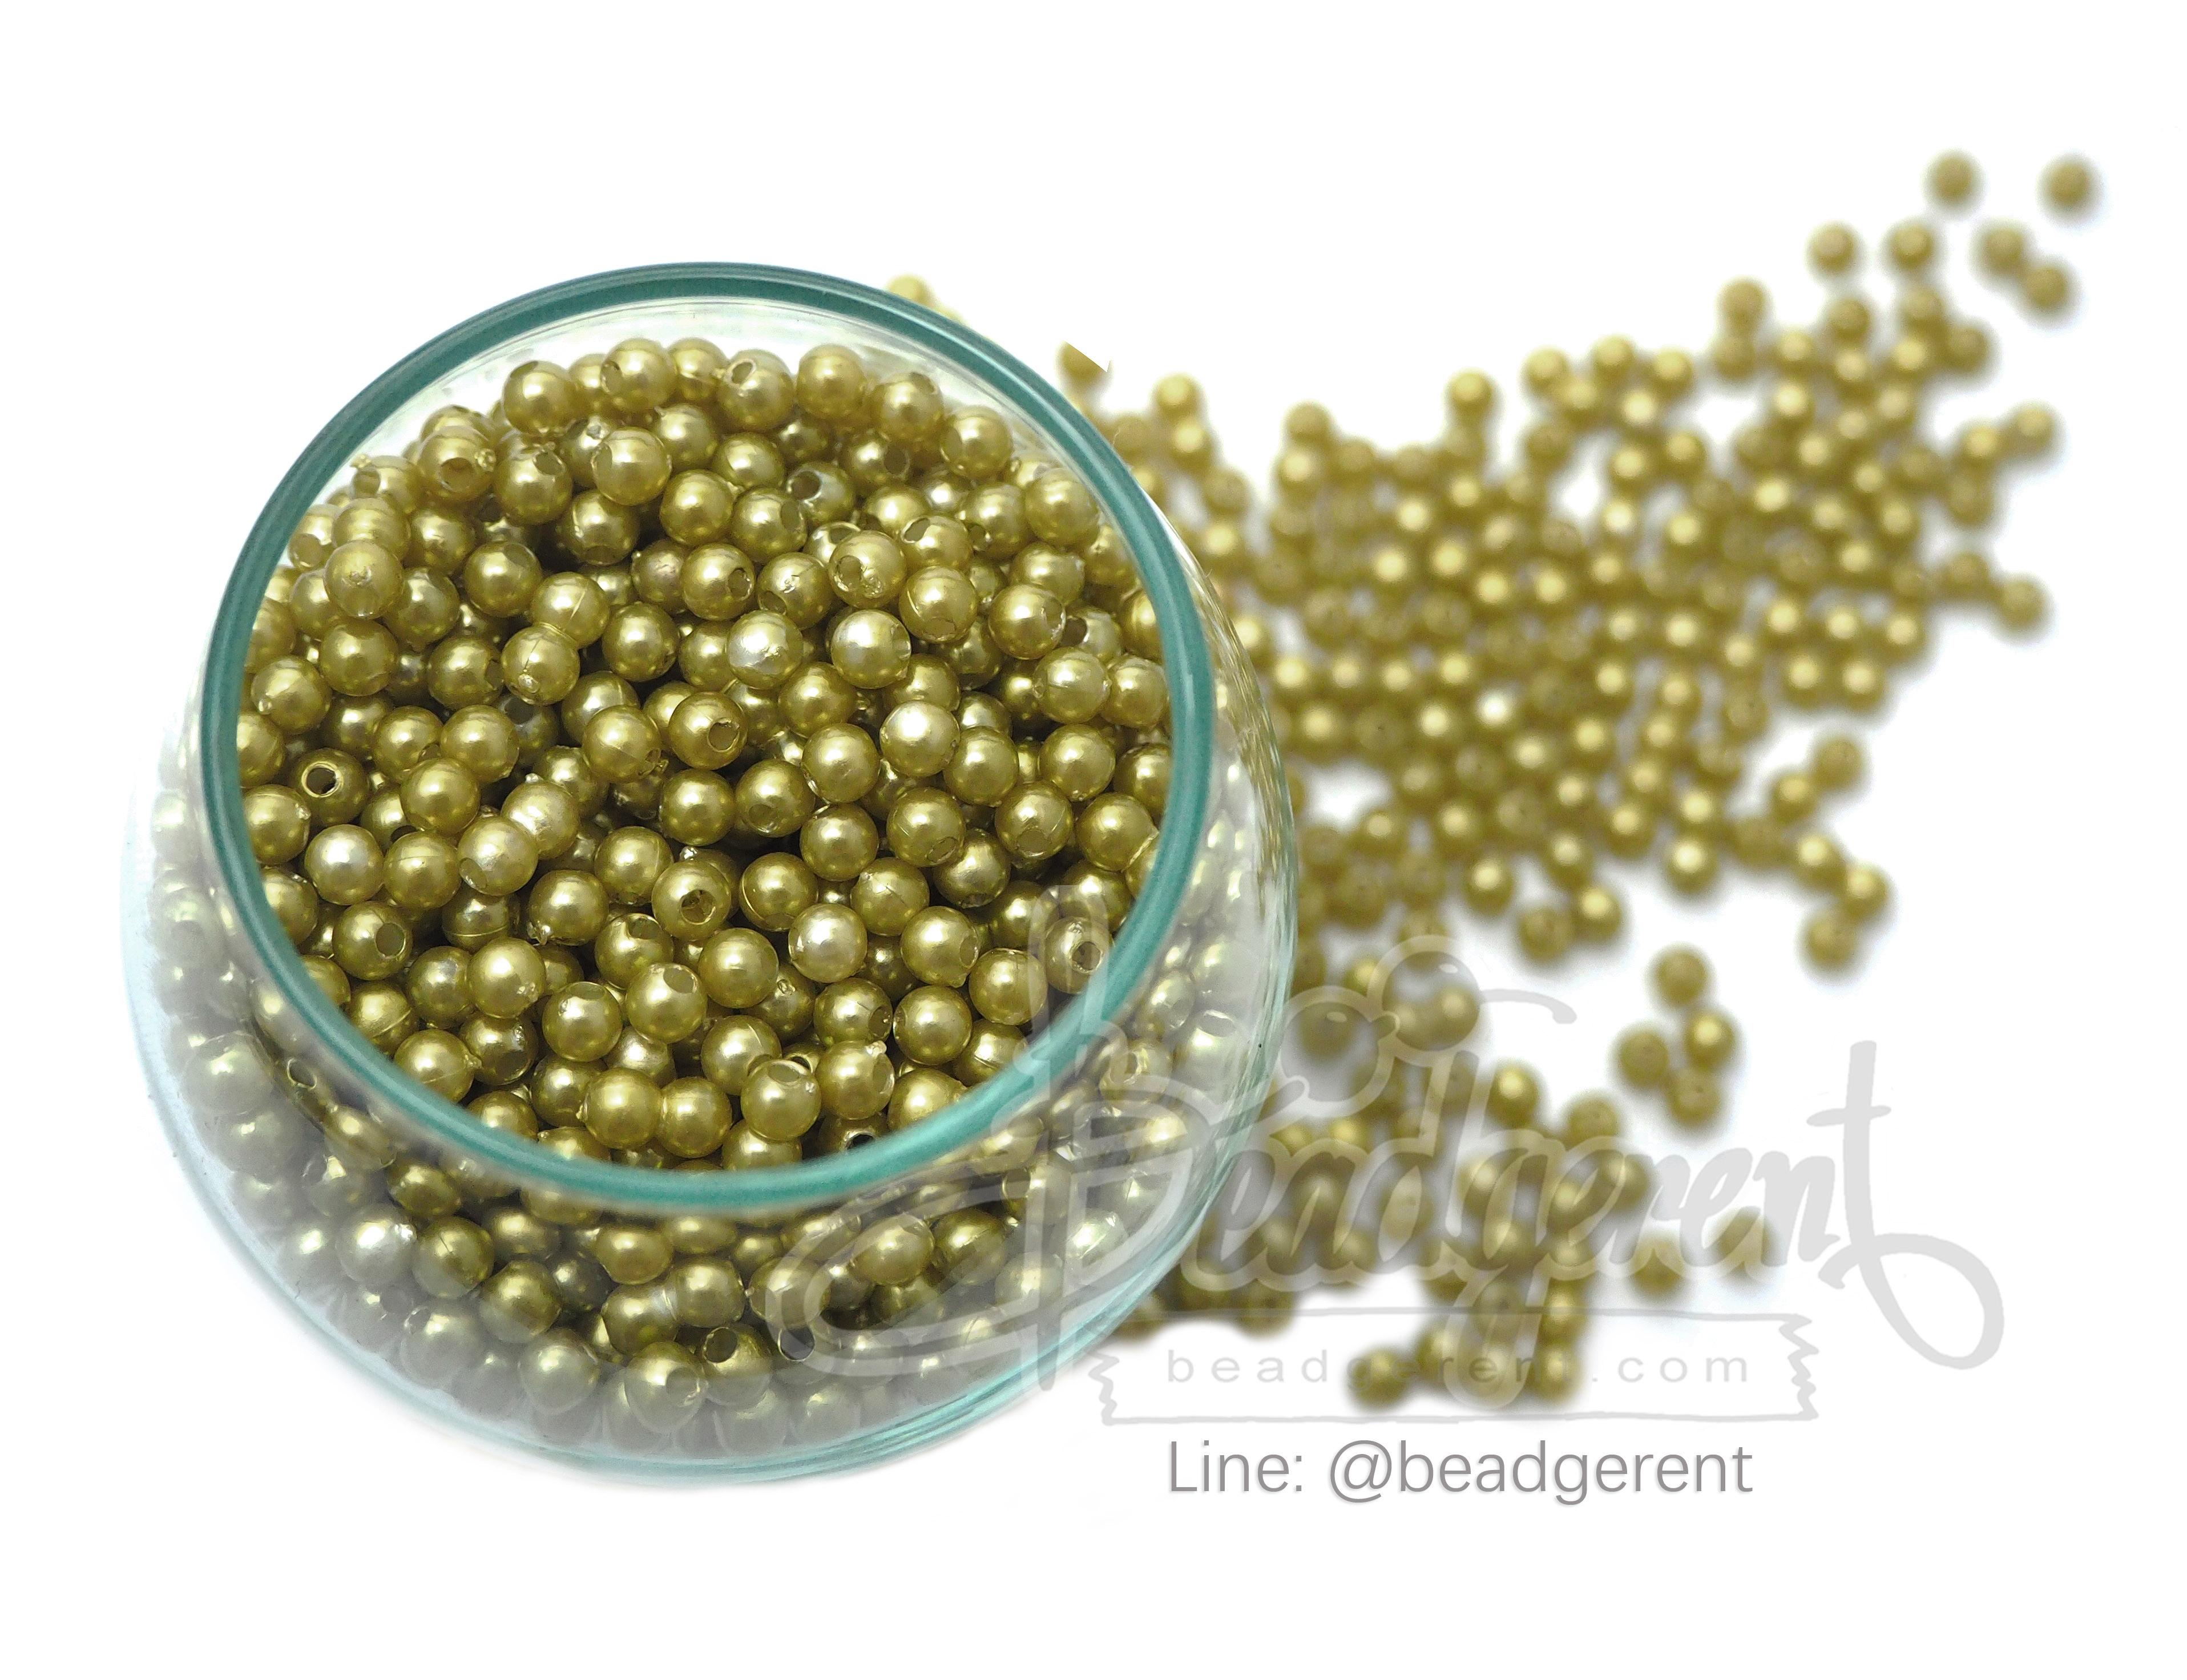 ลูกปัดมุกพลาสติก 4มิล สีเขียวแก่ (450 กรัม)